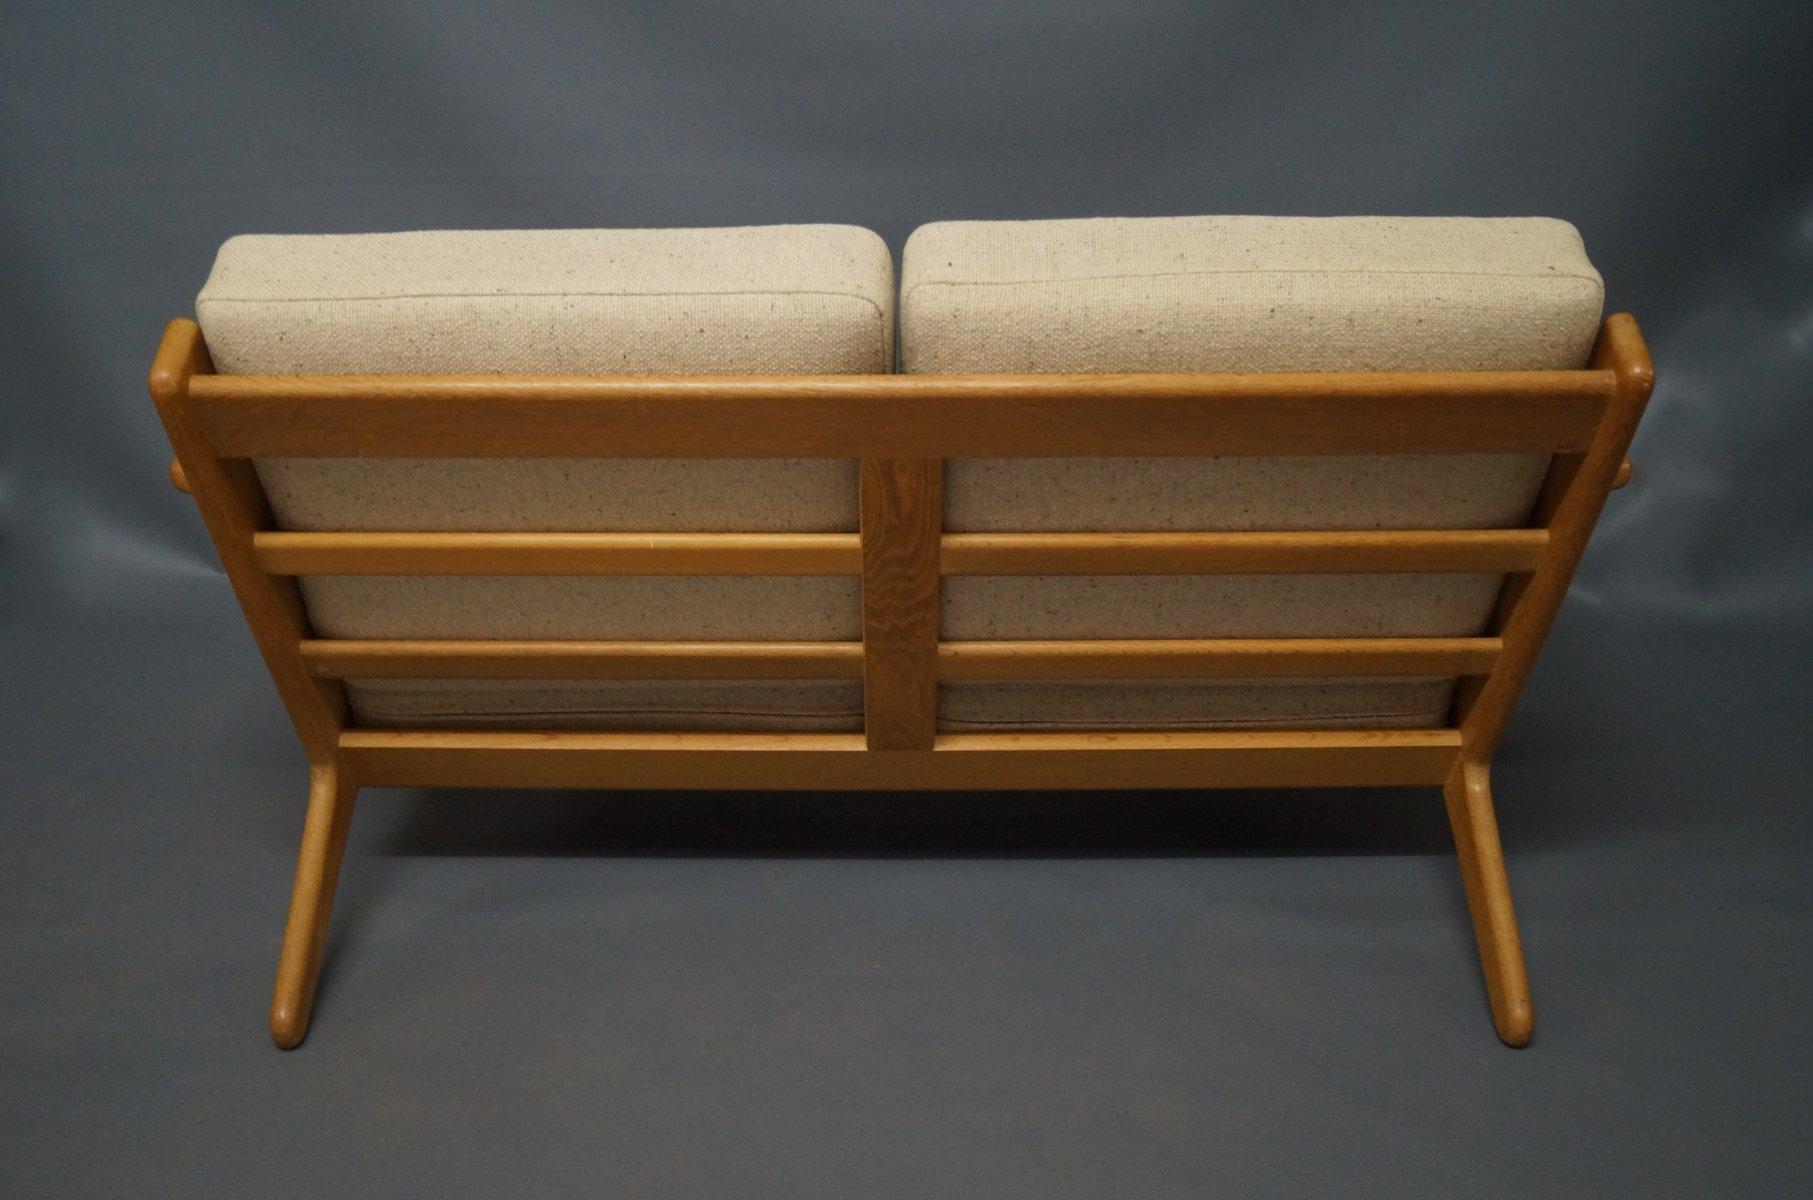 ge 290 zwei sitzer sofa von hans j wegner f r getama 1960er bei pamono kaufen. Black Bedroom Furniture Sets. Home Design Ideas